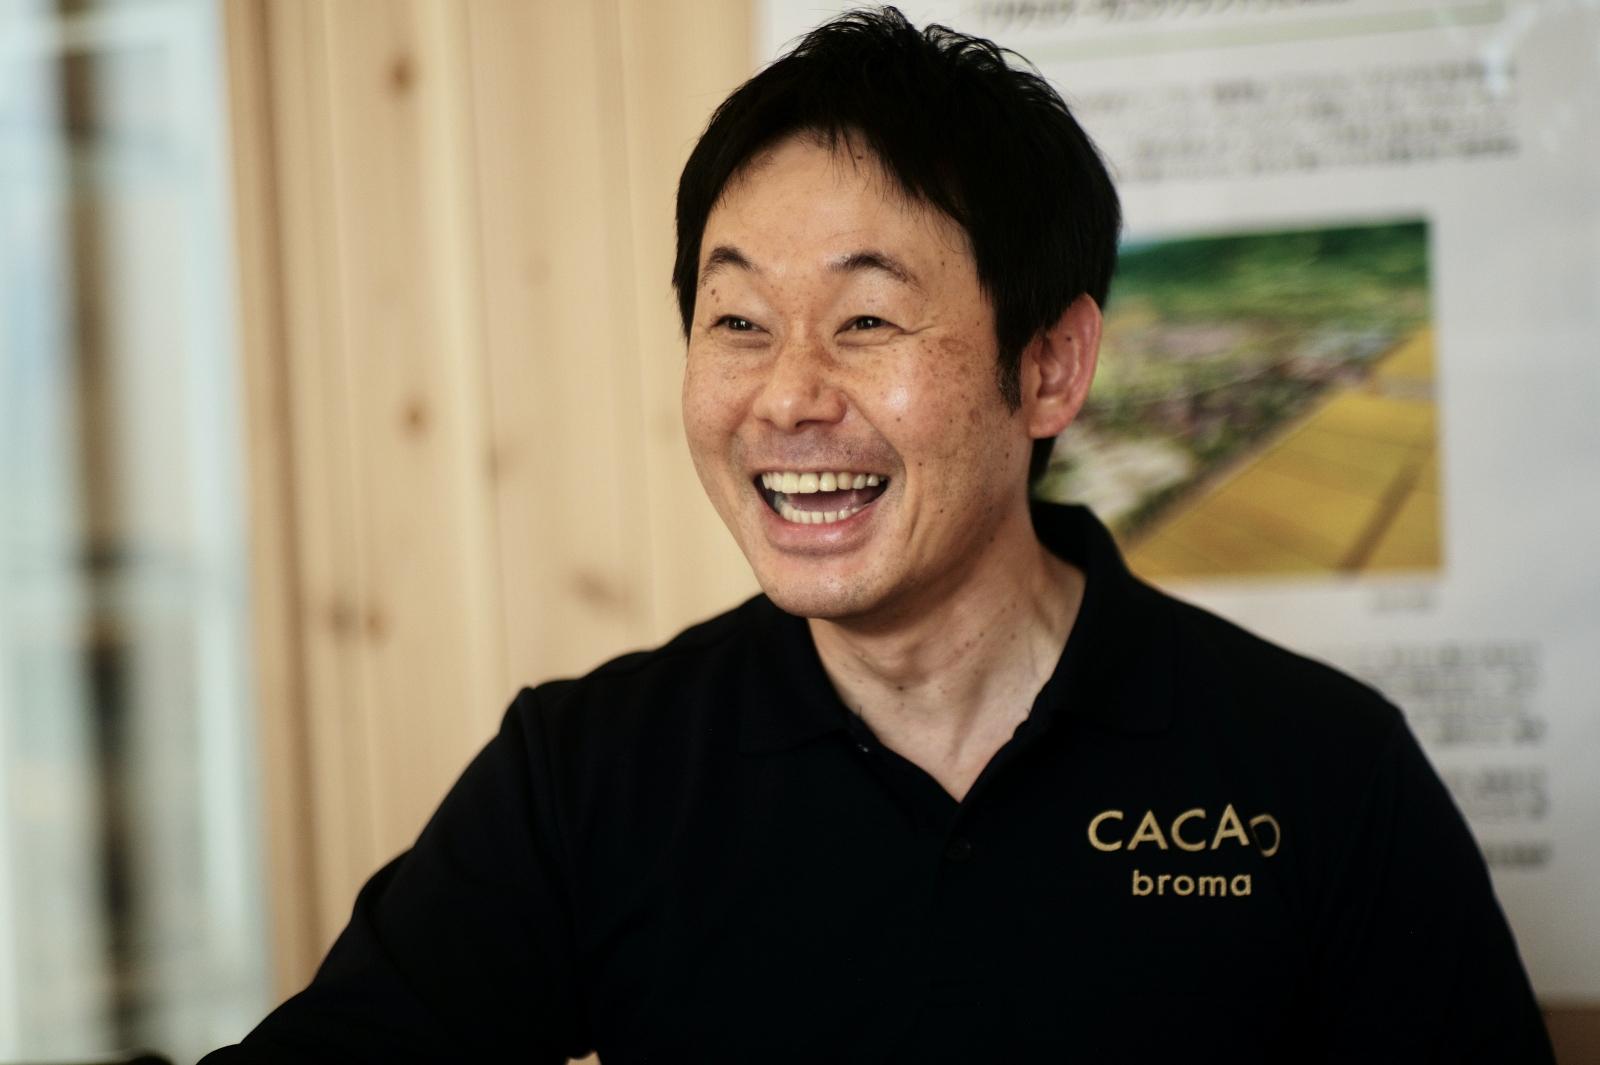 健康な人を増やして、陸前高田の街を元気にしたい!予防医学の視点から始まった、オーガニックのクラフトチョコレート「CACAO broma」の目指す先